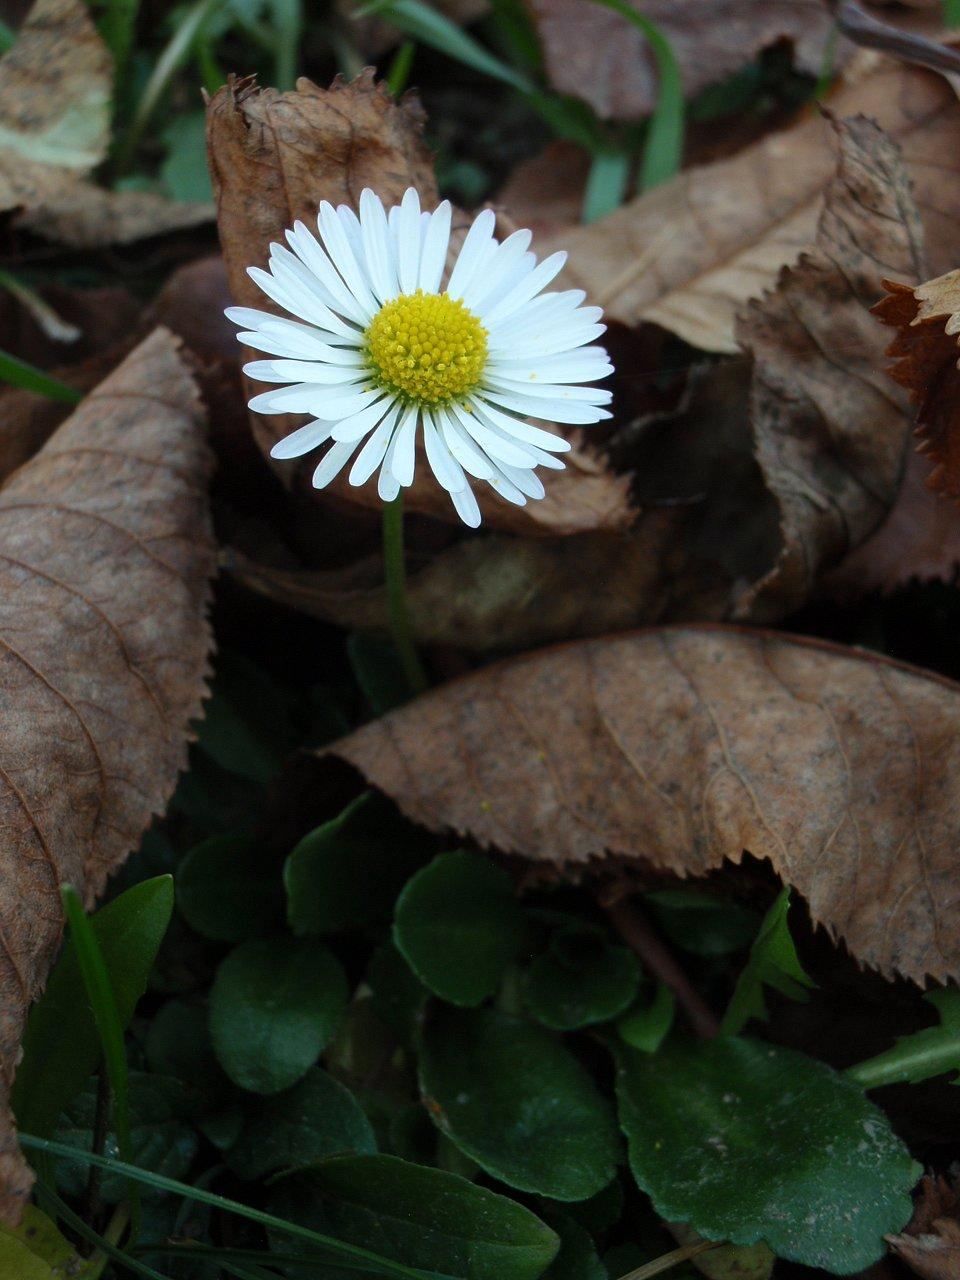 **Sedmikráska chudobka** vnašem trávníku, jakoby oblečená do slušivého župánku, neochvějně vyhlíží blížící se bílou peřinu.